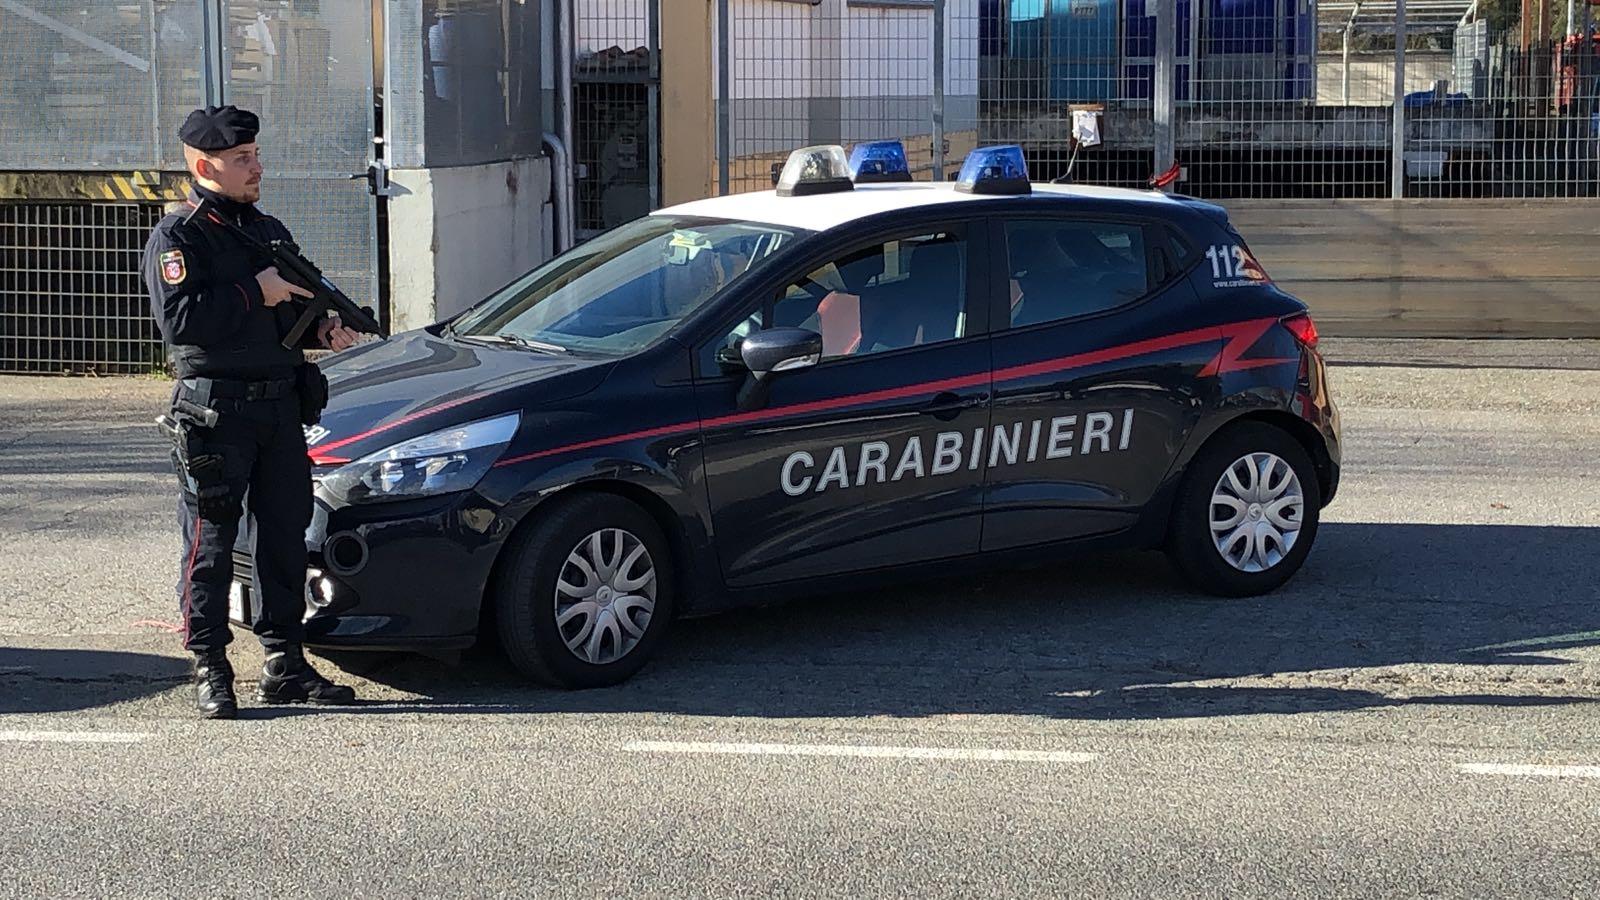 Carabinieri, arriva la Cio: controlli a tappeto